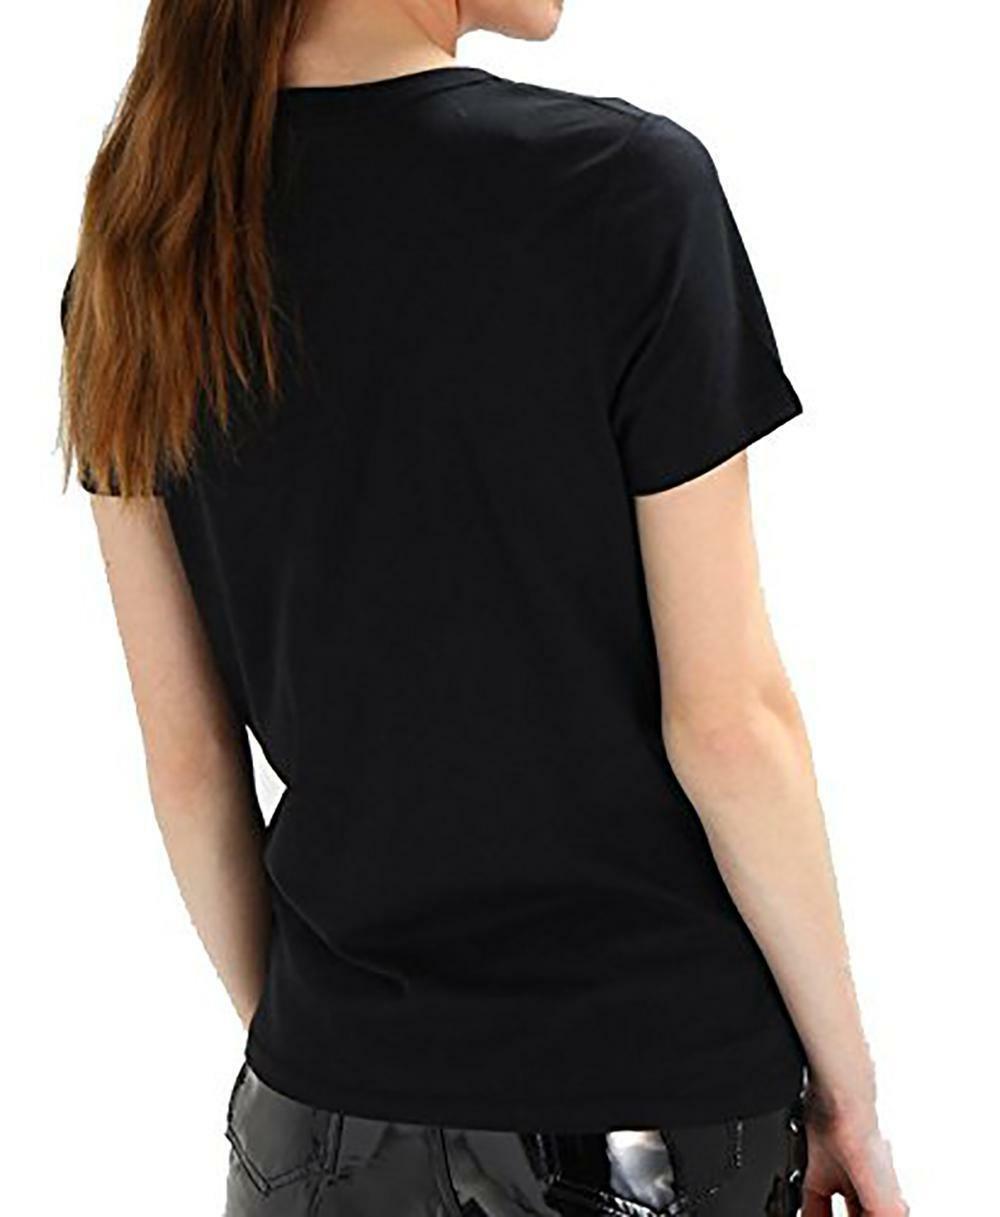 converse converse classic fit t-shirt donna nera 10005788a01